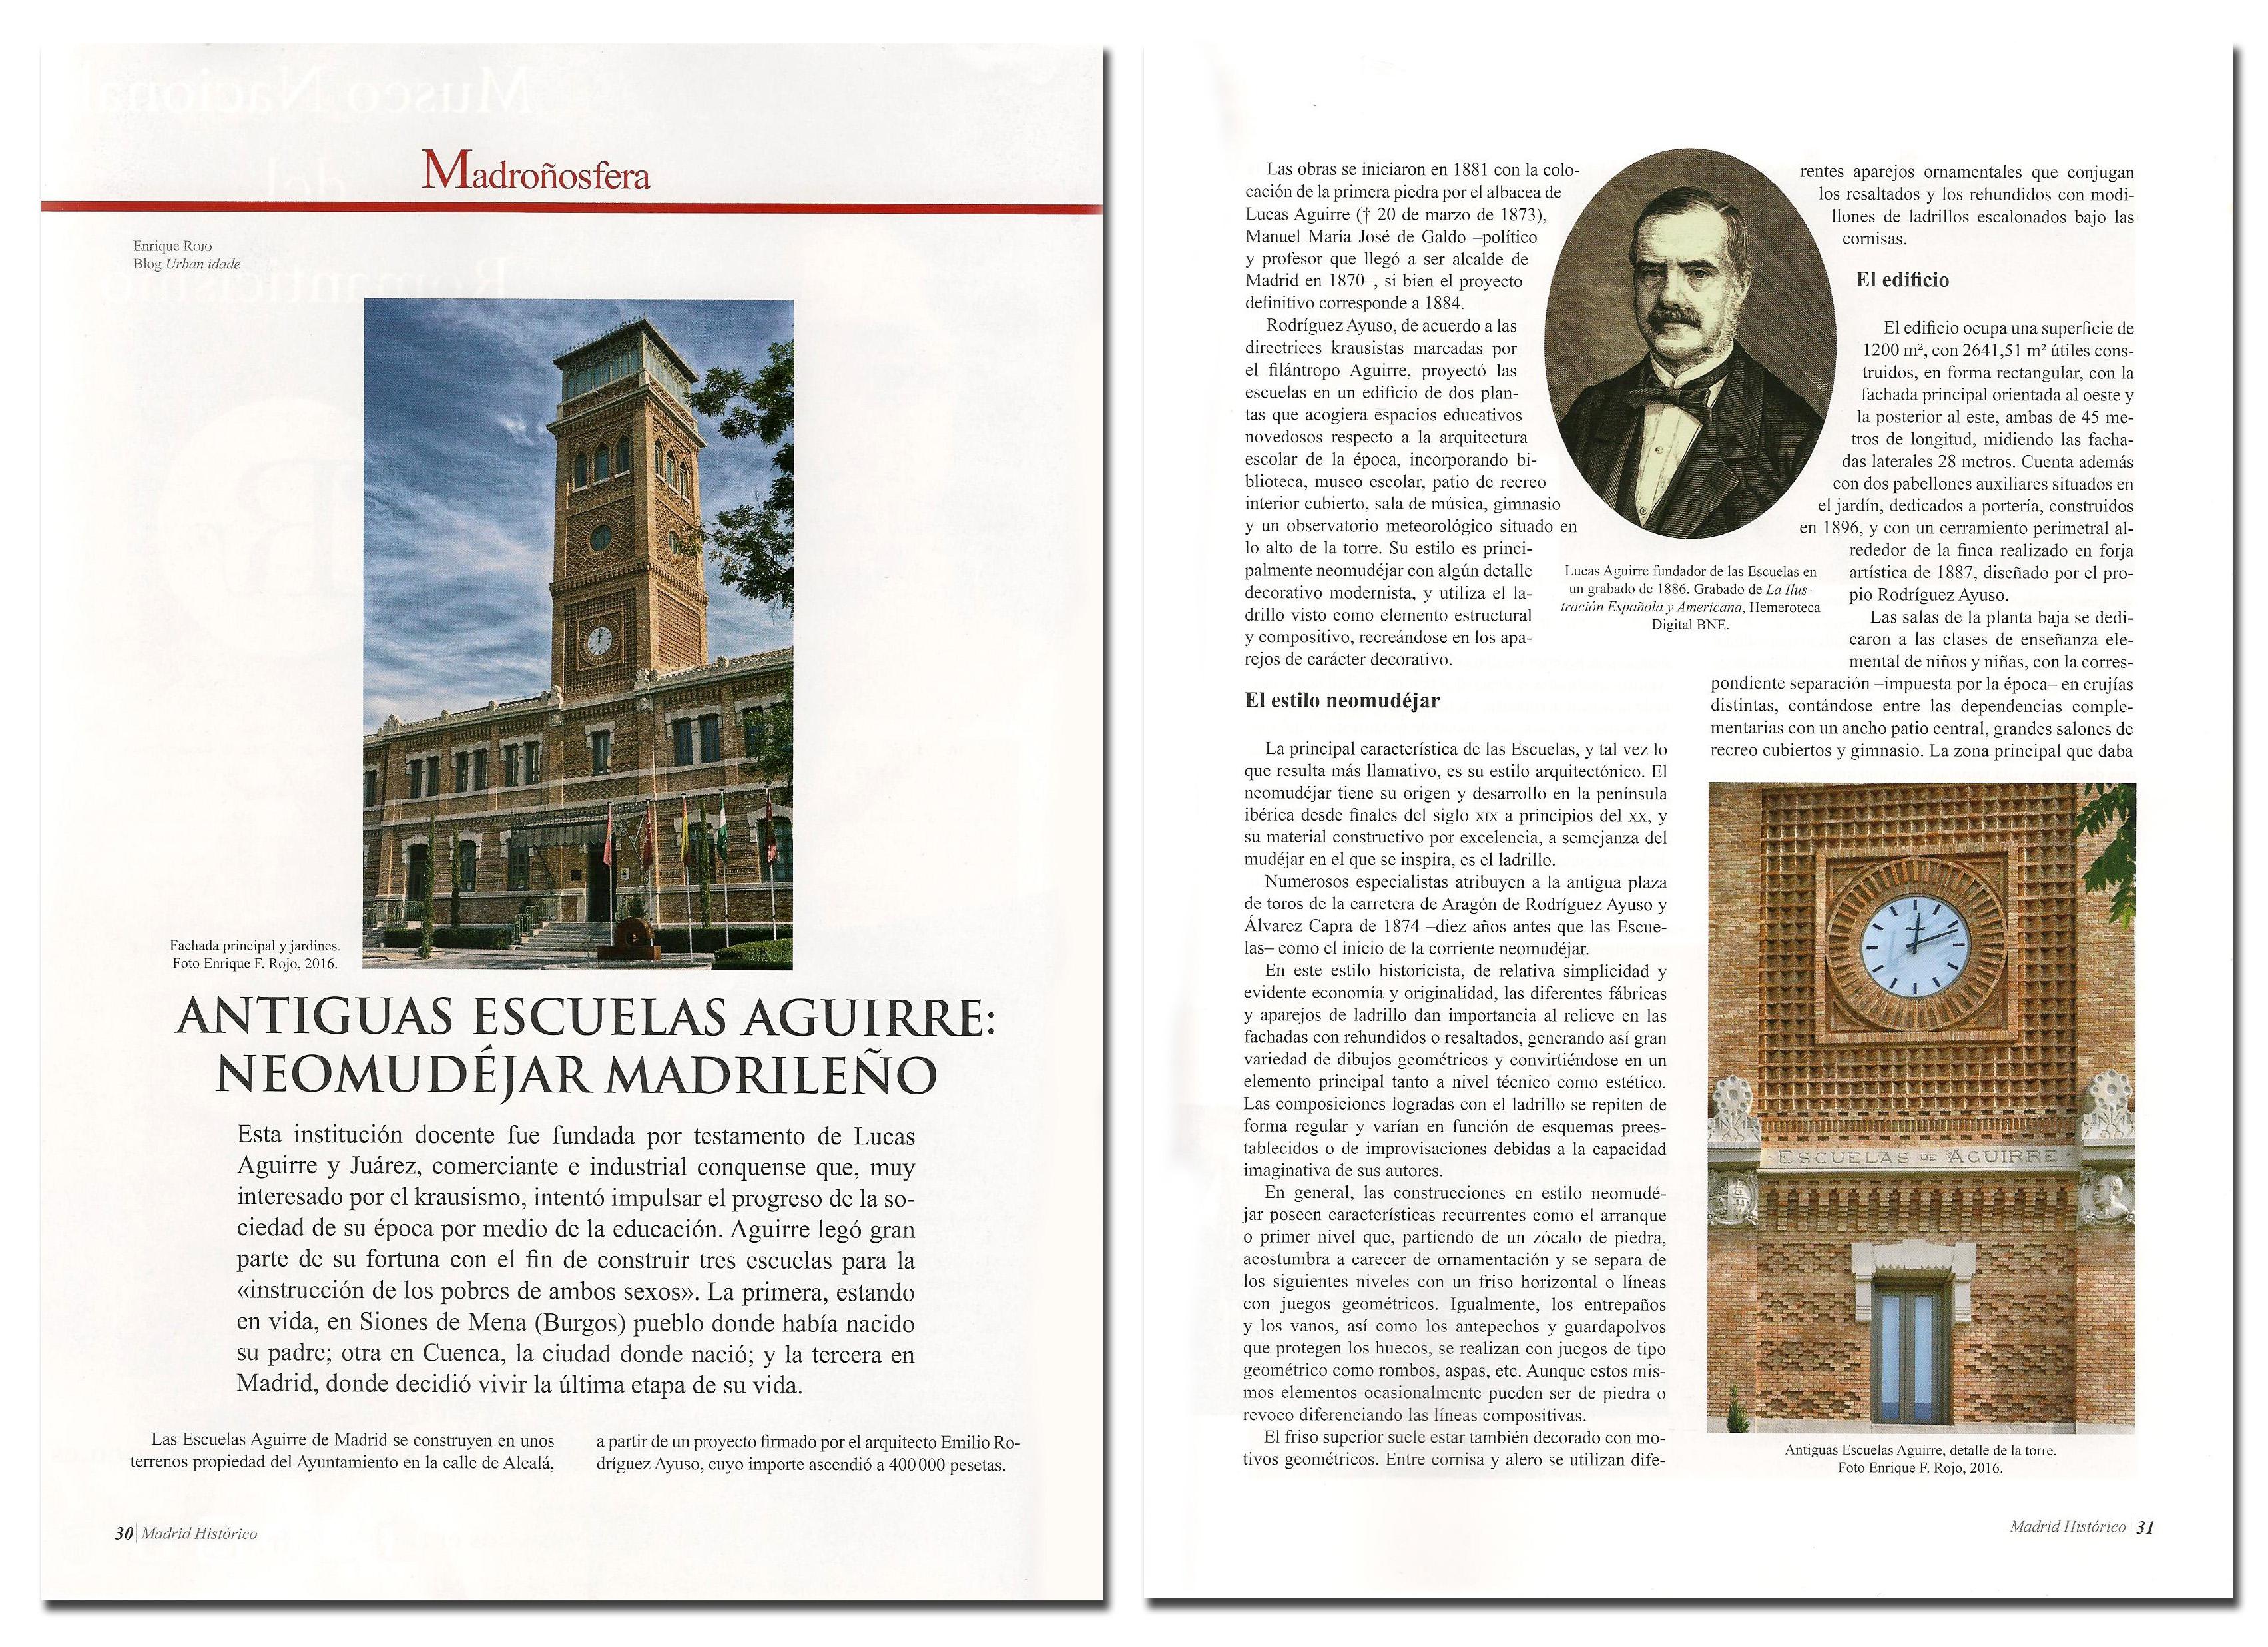 Articulo Escuelas Aguirre páginas 1-2.